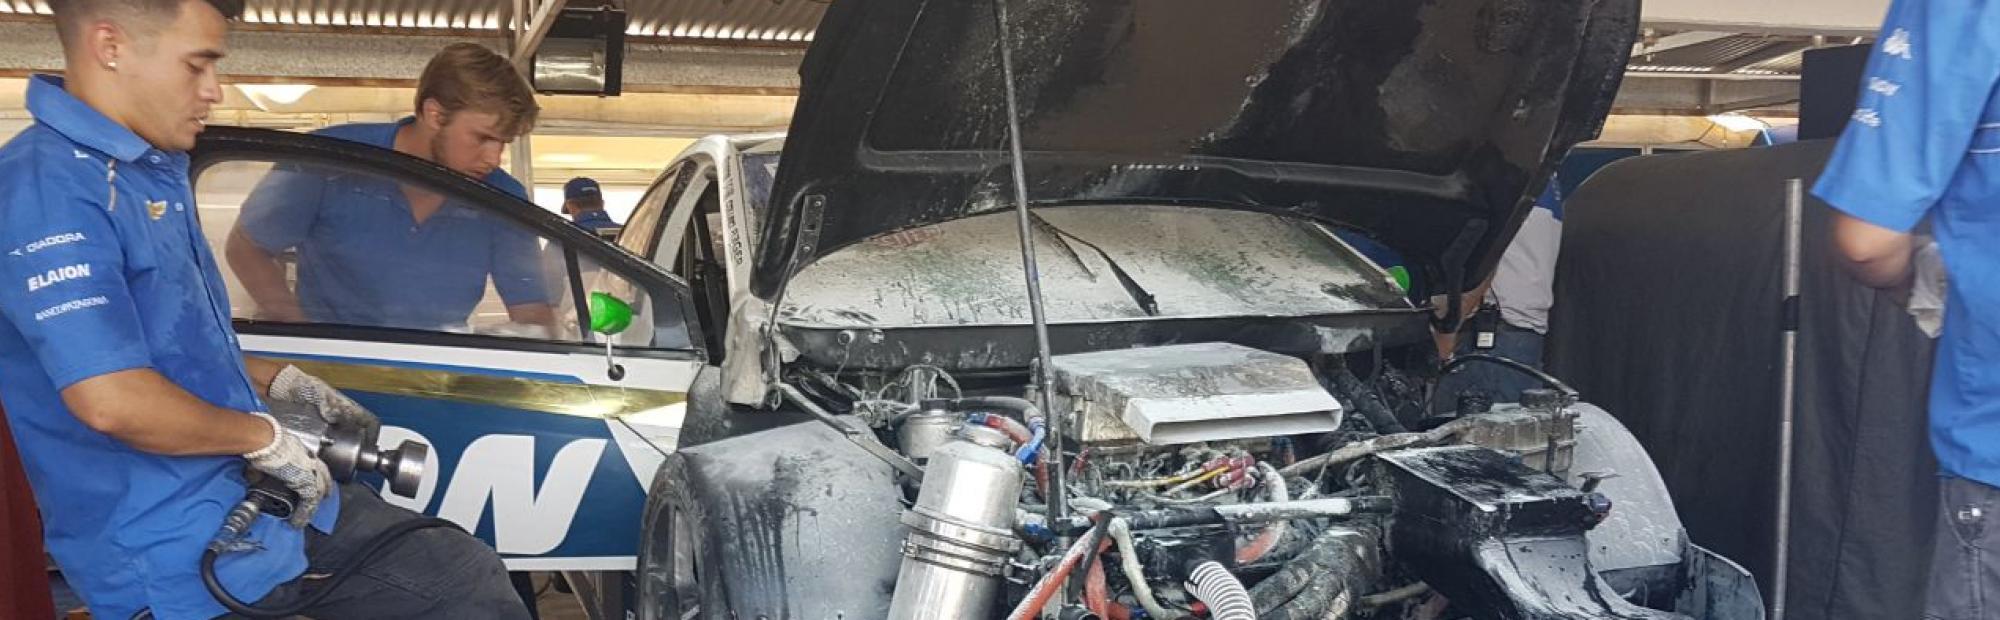 Fuego en el auto de Llaver